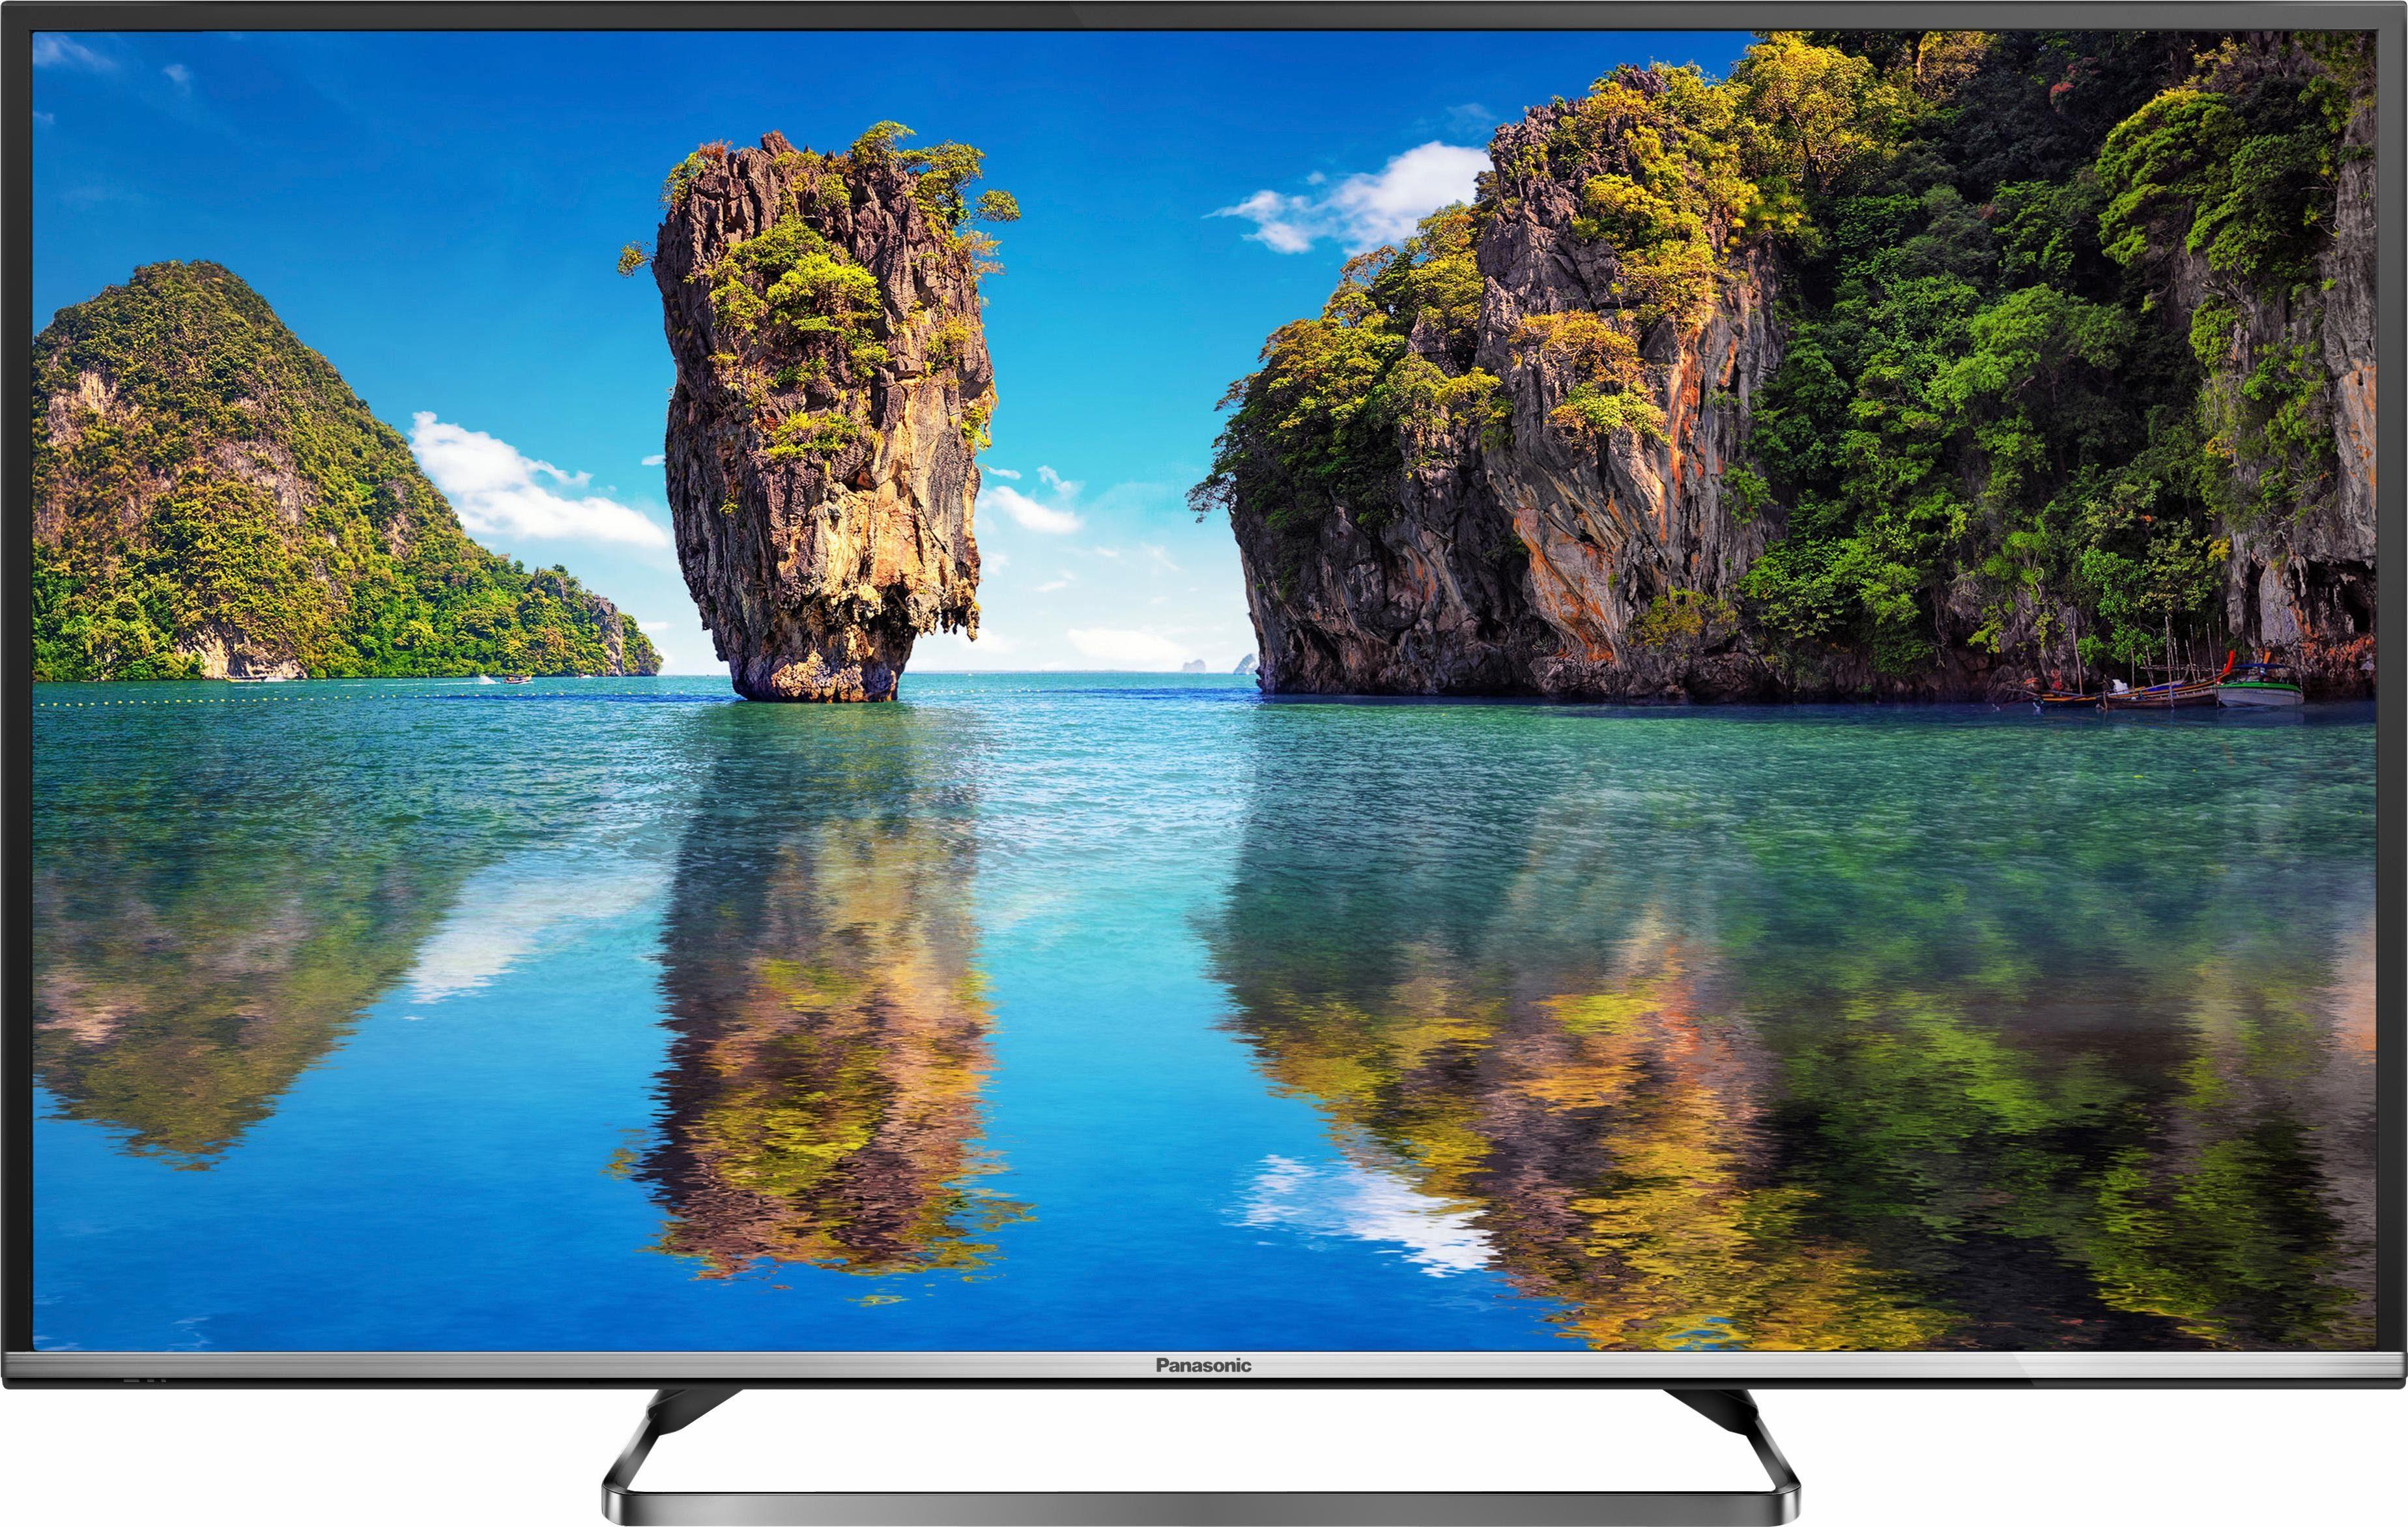 Panasonic TX-49DSW504, LED Fernseher, 123 cm (49 Zoll), 1080p (Full HD), Smart-TV